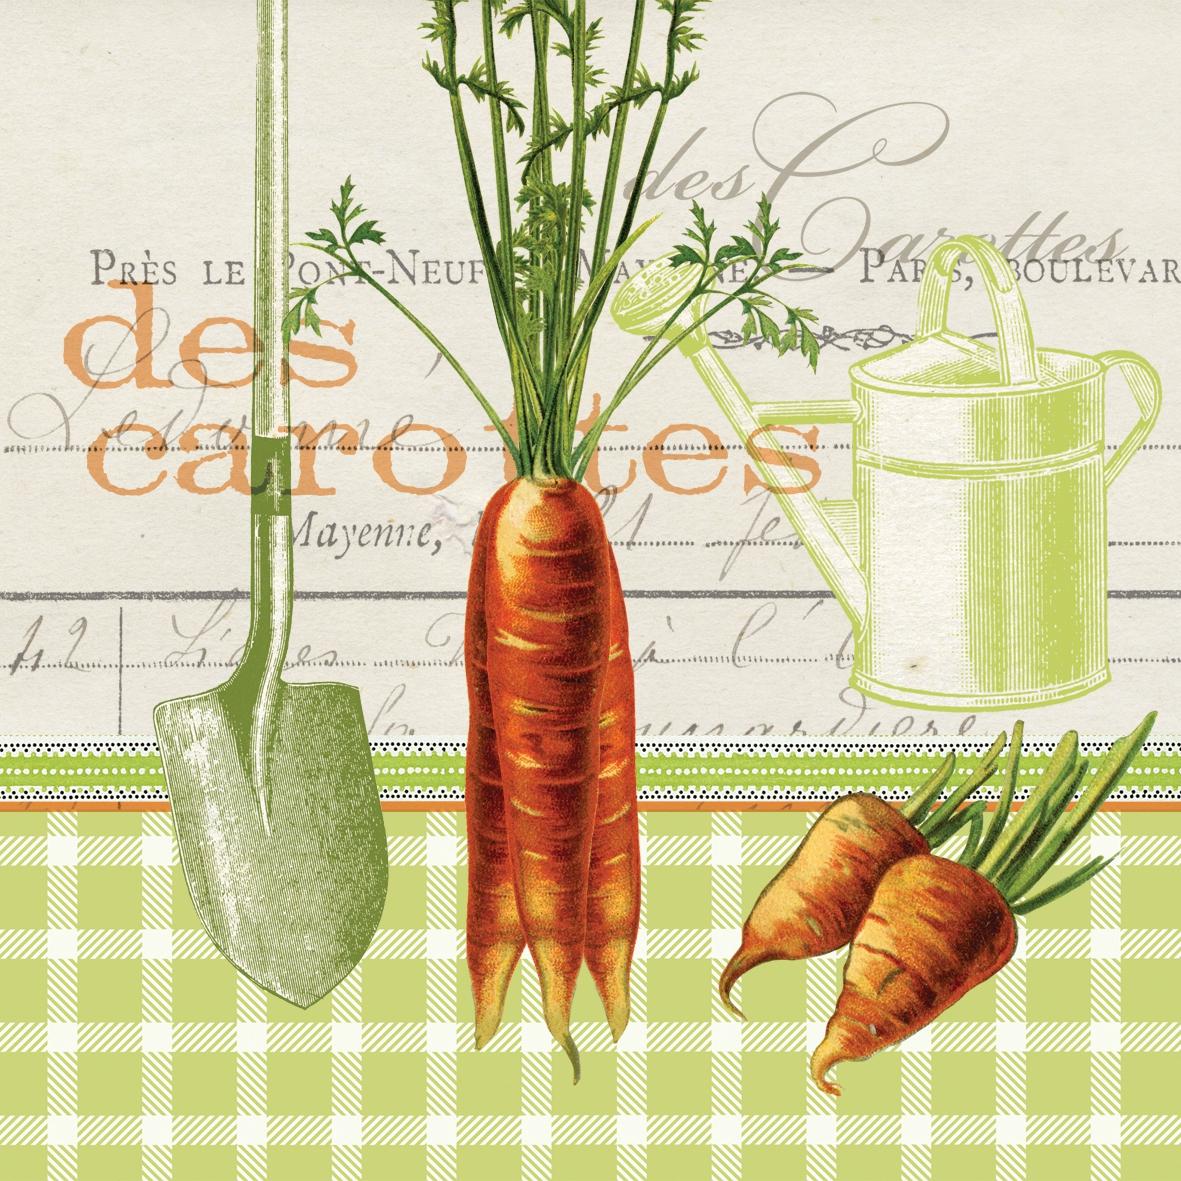 Cocktail Servietten Les Carottes ,  Sonstiges - Schriften,  Gemüse,  Everyday,  cocktail servietten,  Möhren,  Schriften,  Giesskanne,  Schaufel